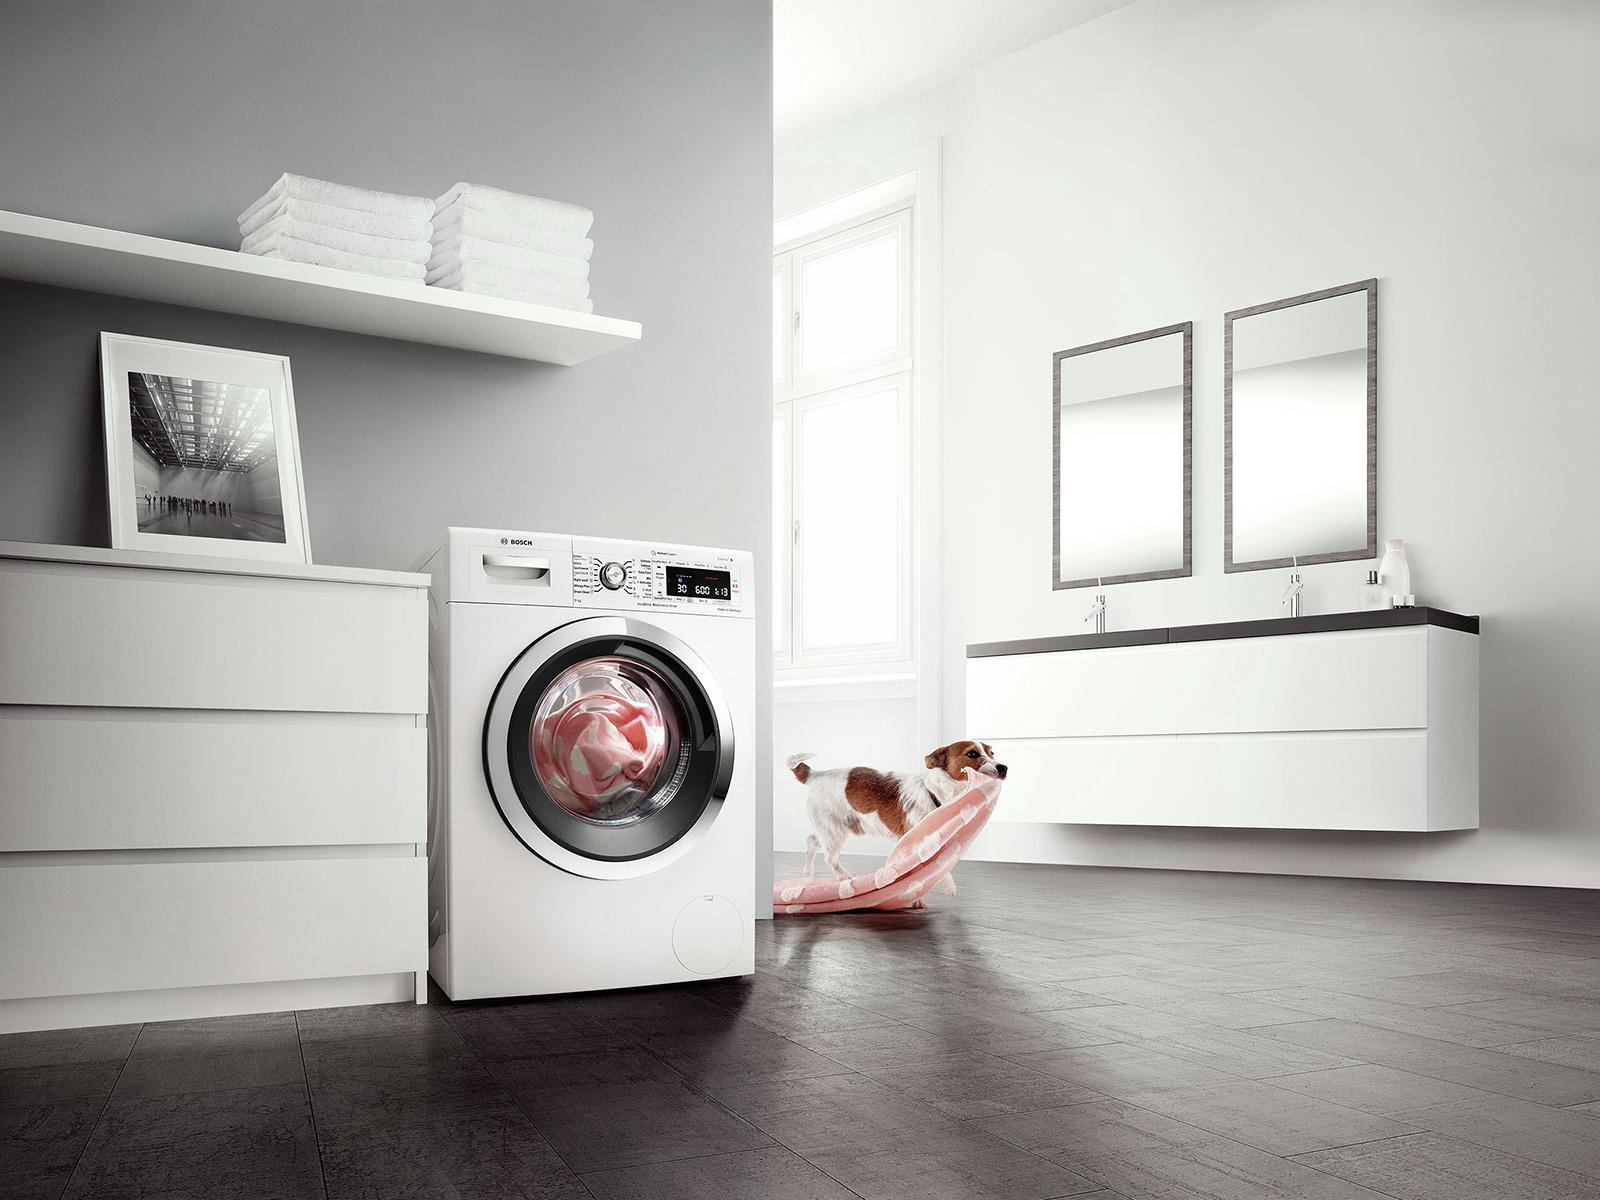 Alter Bosch Kühlschrank 60er Jahre : Haushaltsgeräte kühlschrank muss nach zehn jahren raus welt